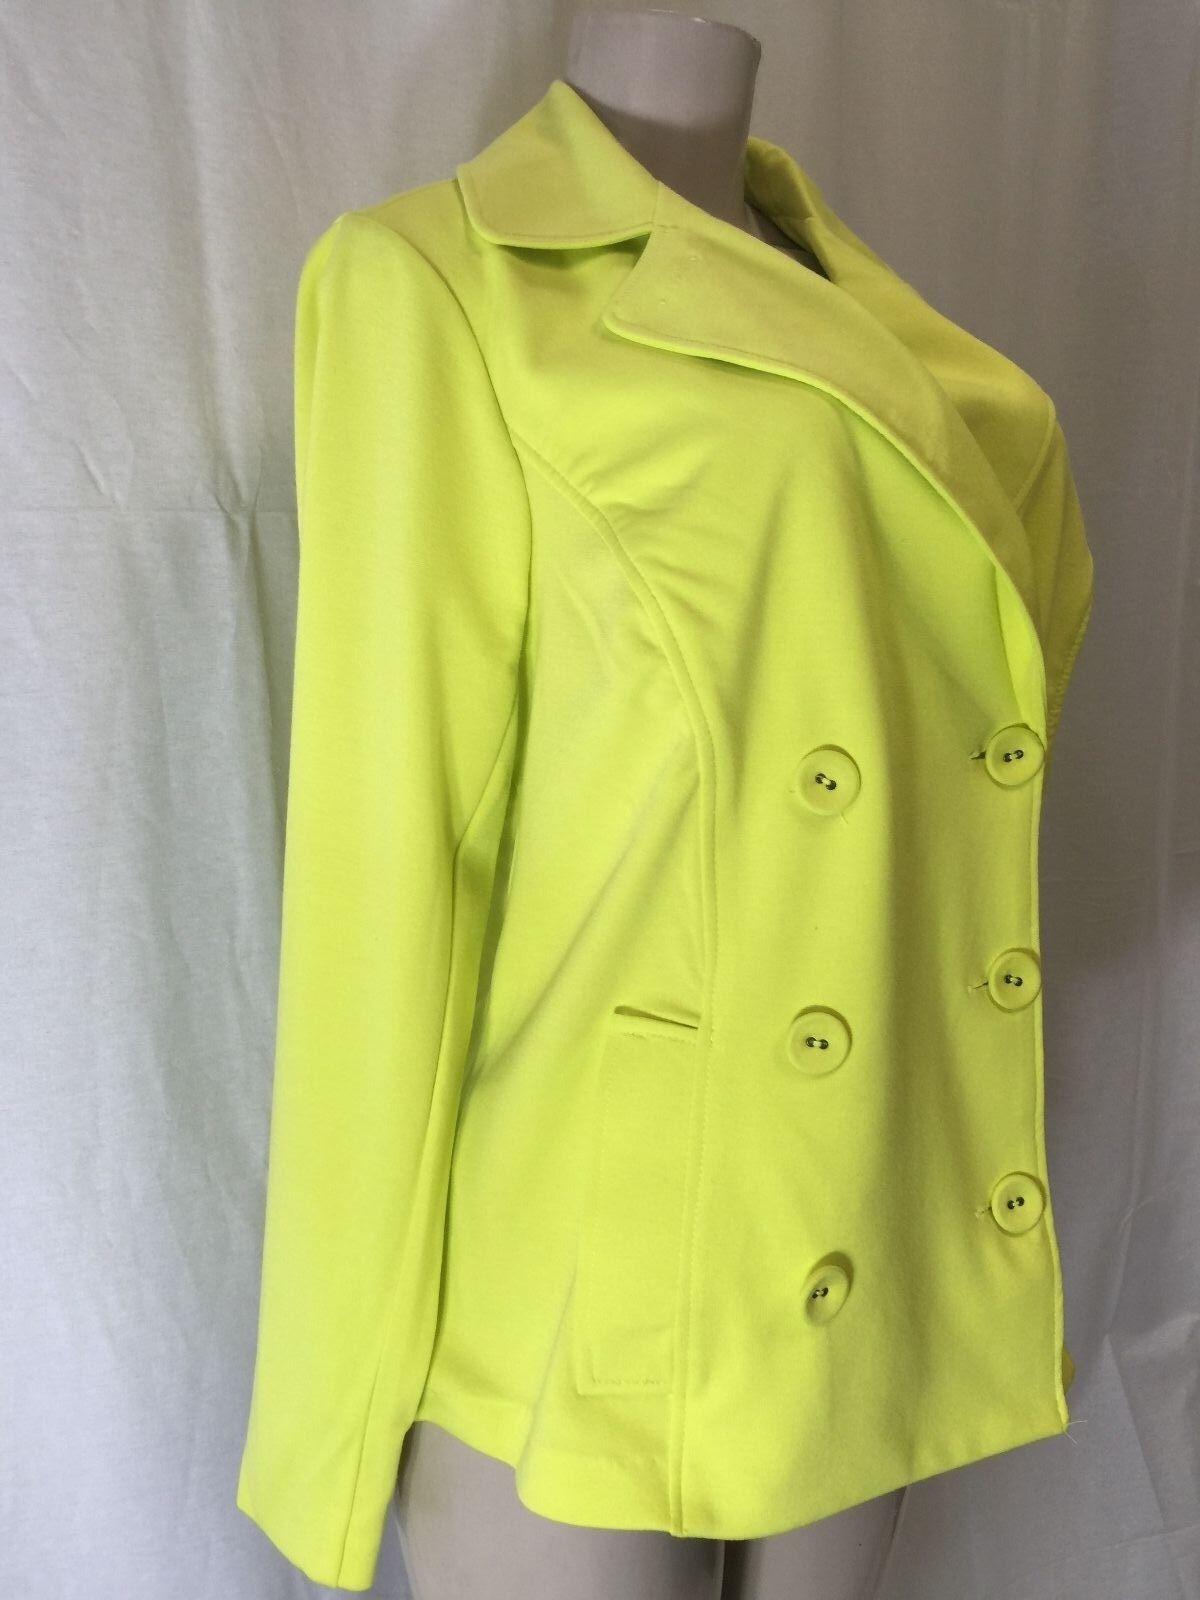 Lime green blazer plus size